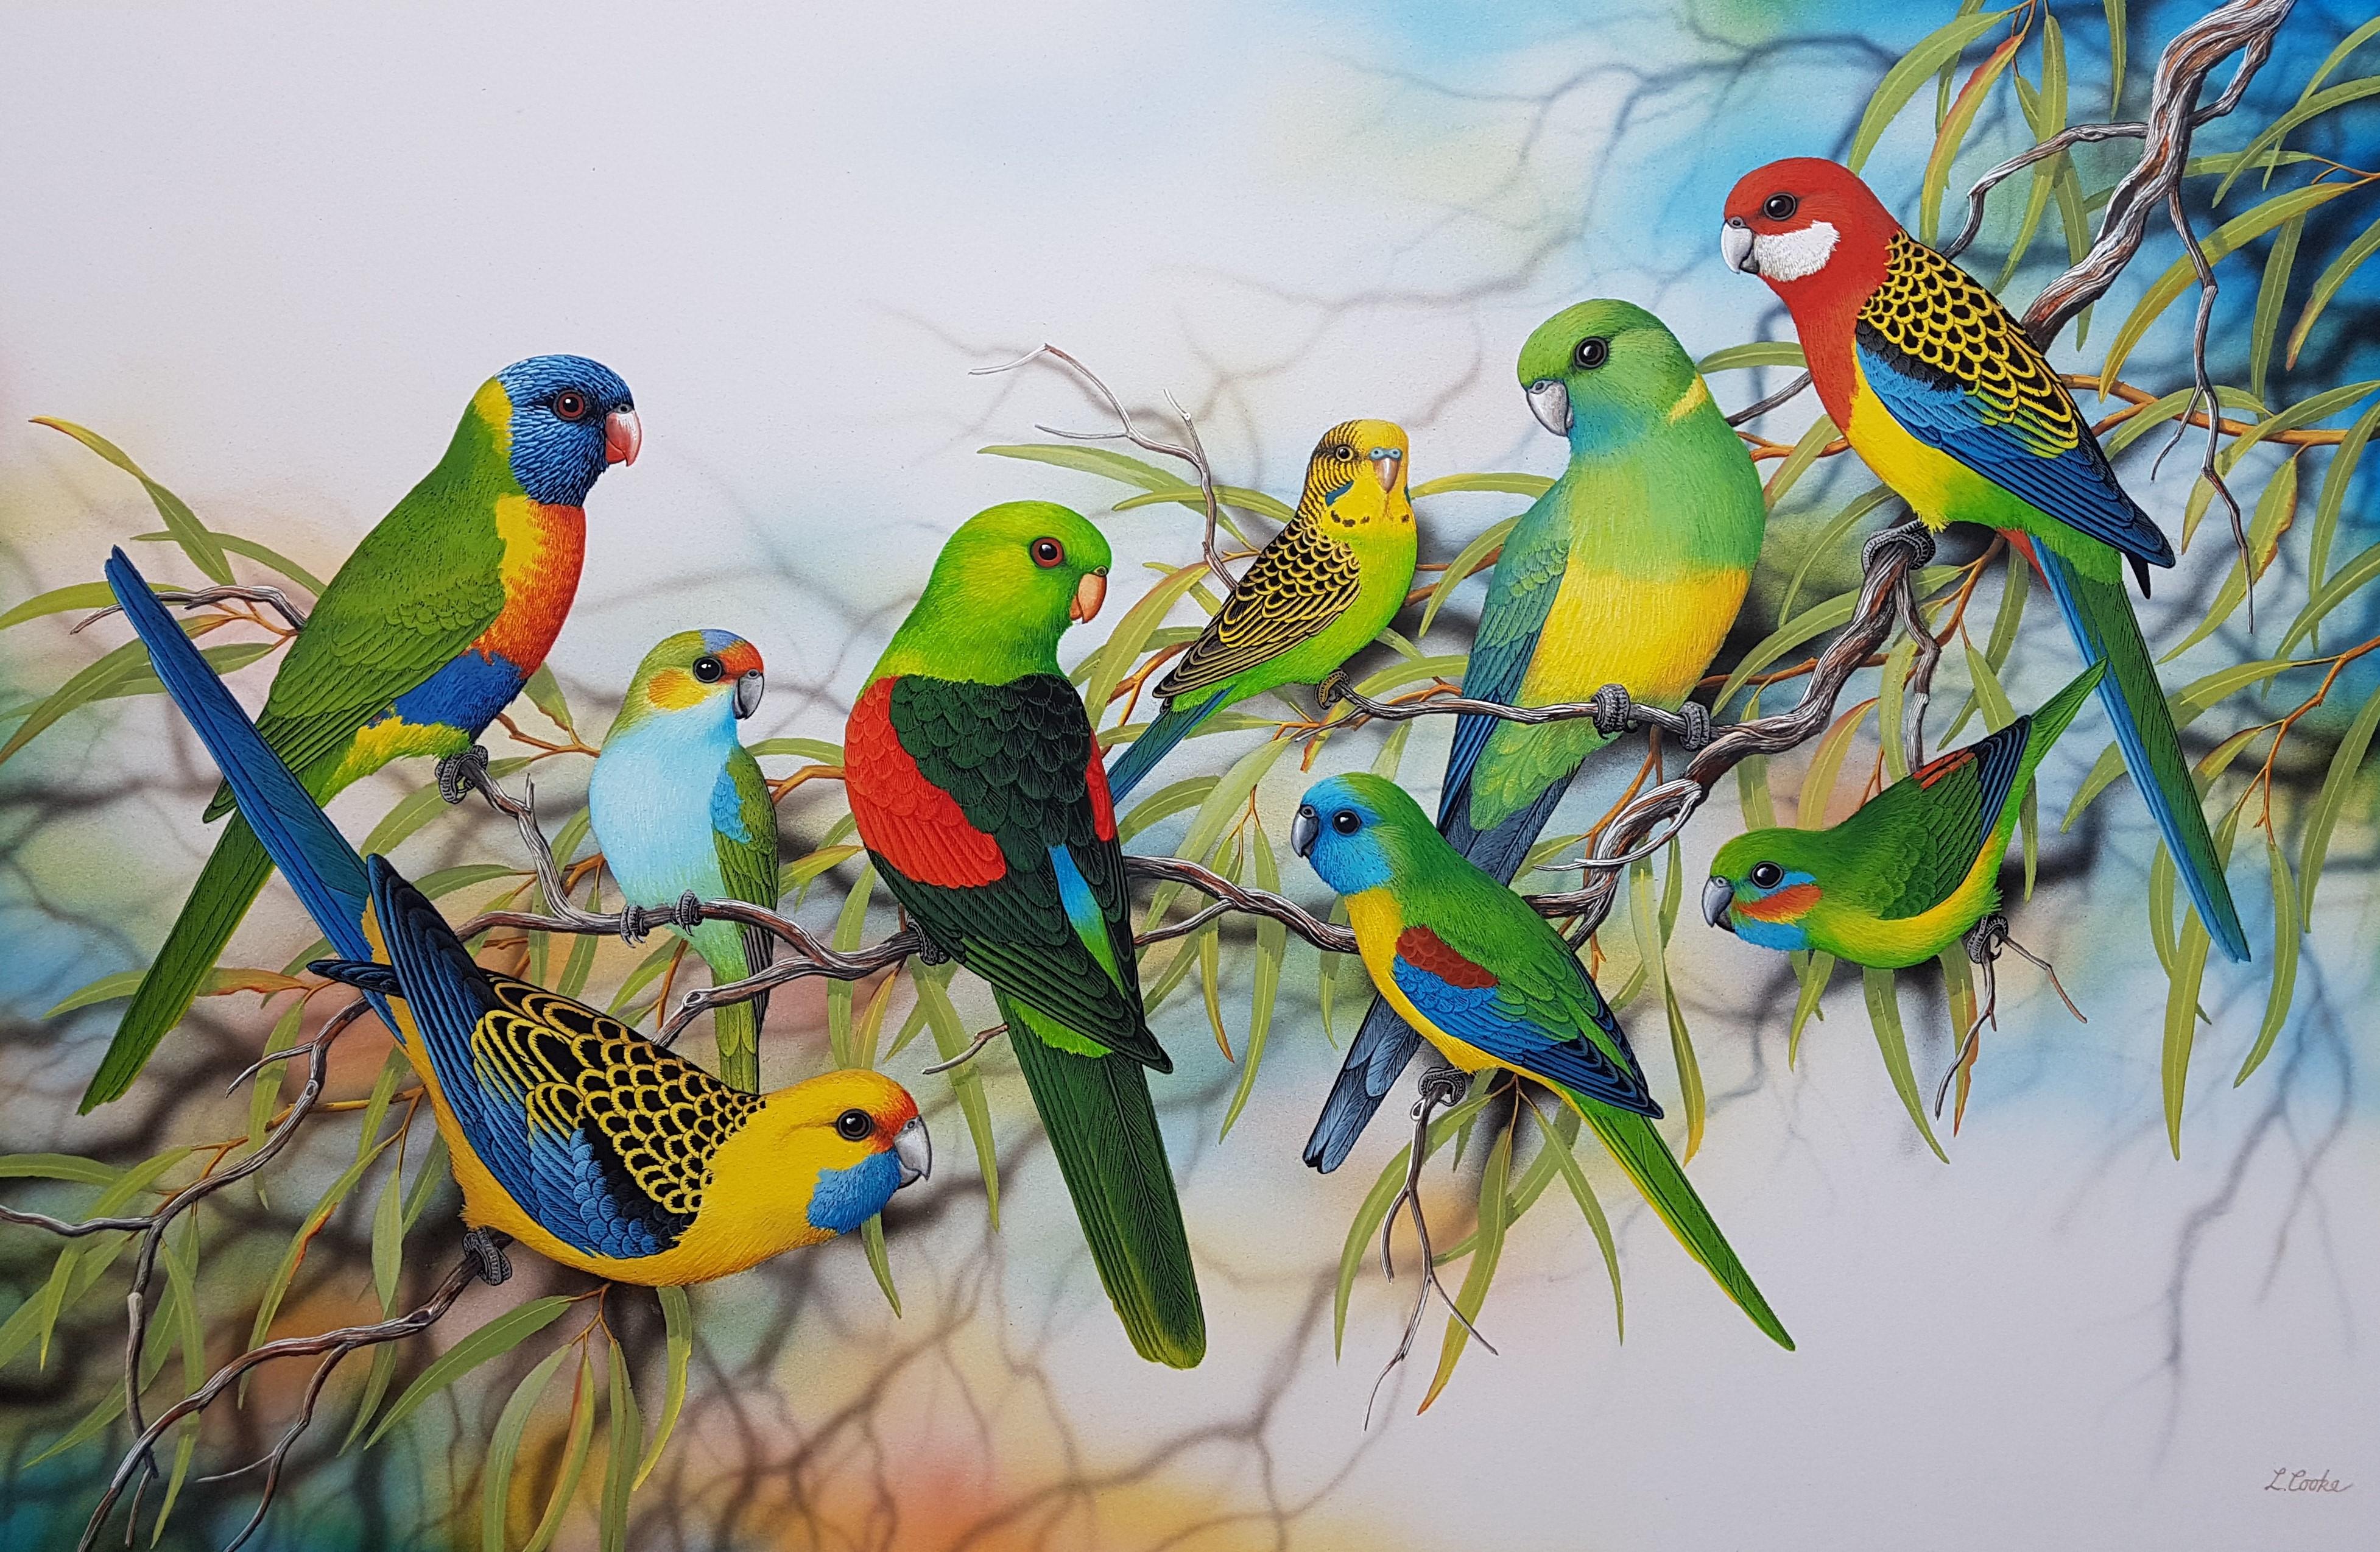 Aust. Parrots